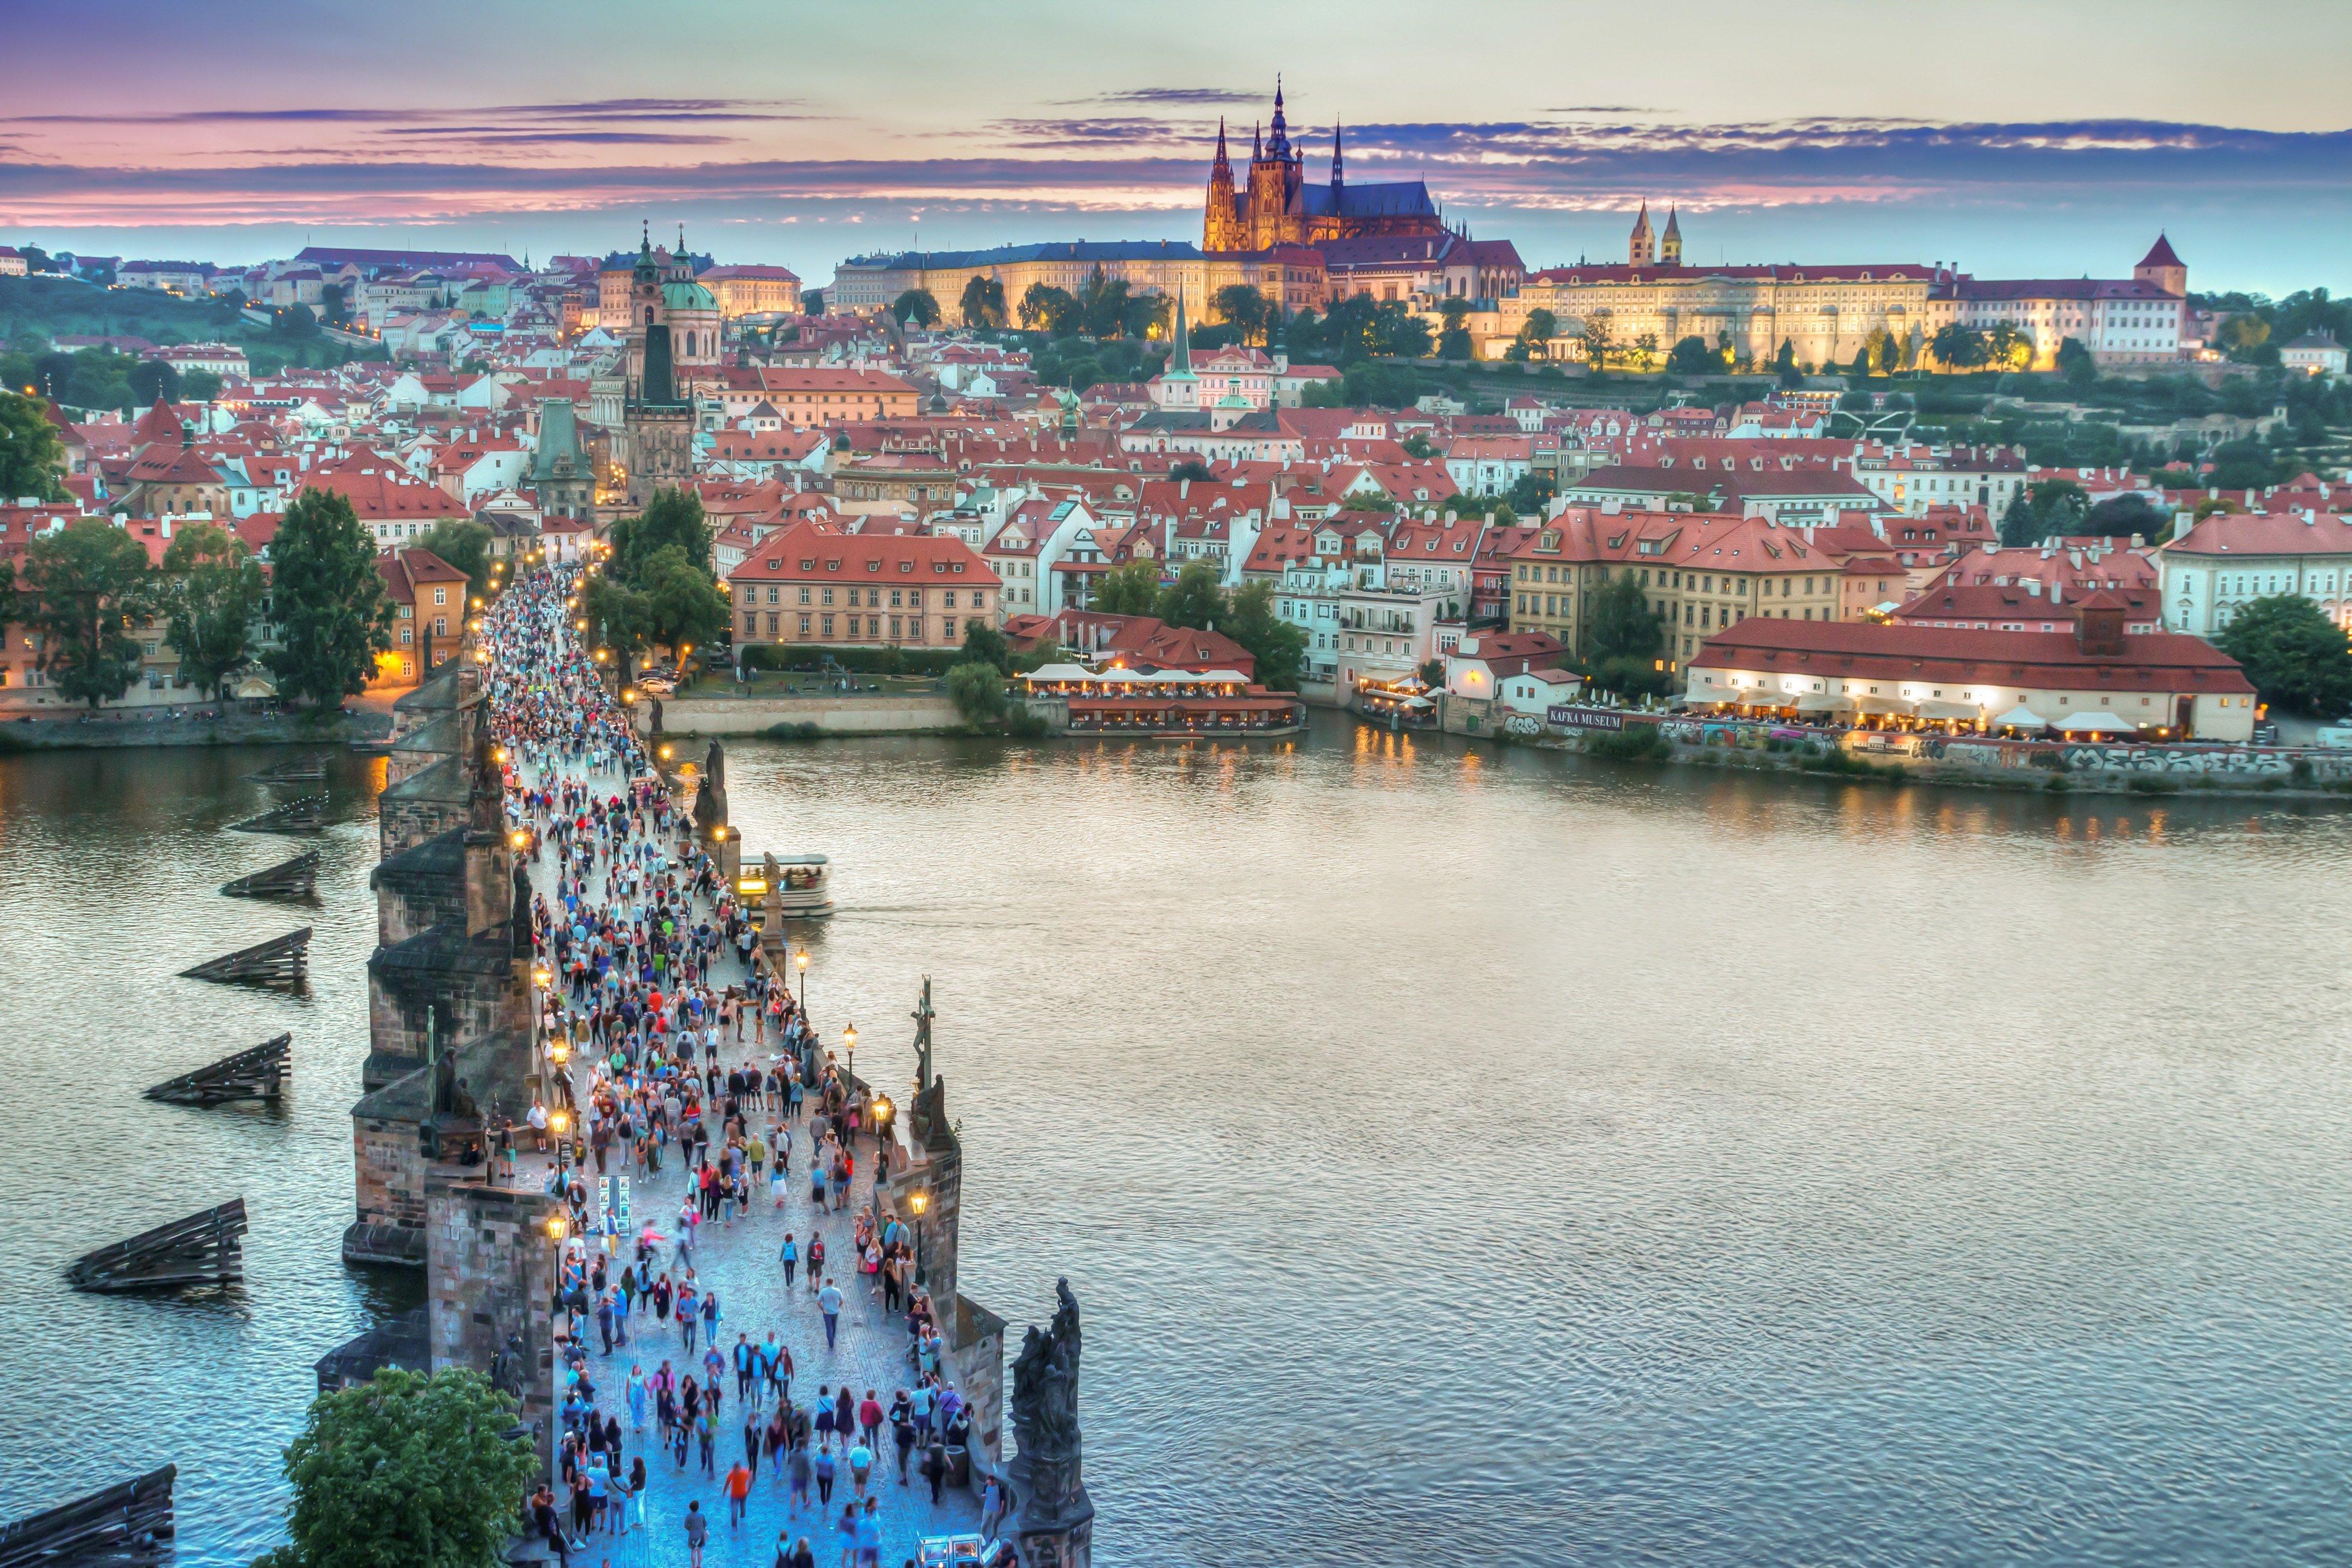 Camping am Elberadweg - ein lohnenswertes Ausflugsziel: Prag